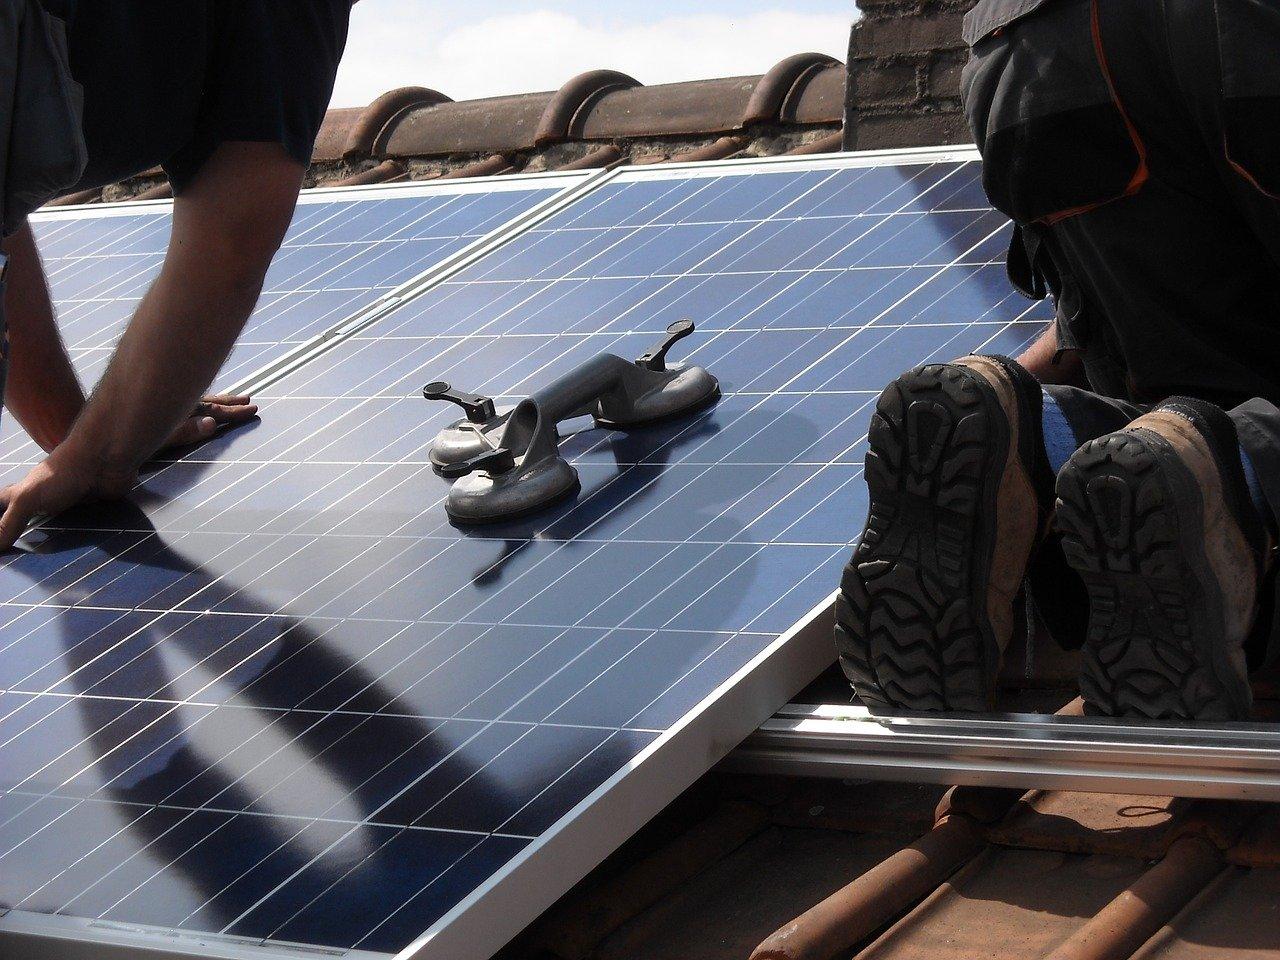 Panele fotowoltaiczne Trina Solar - jakie mają zalety?